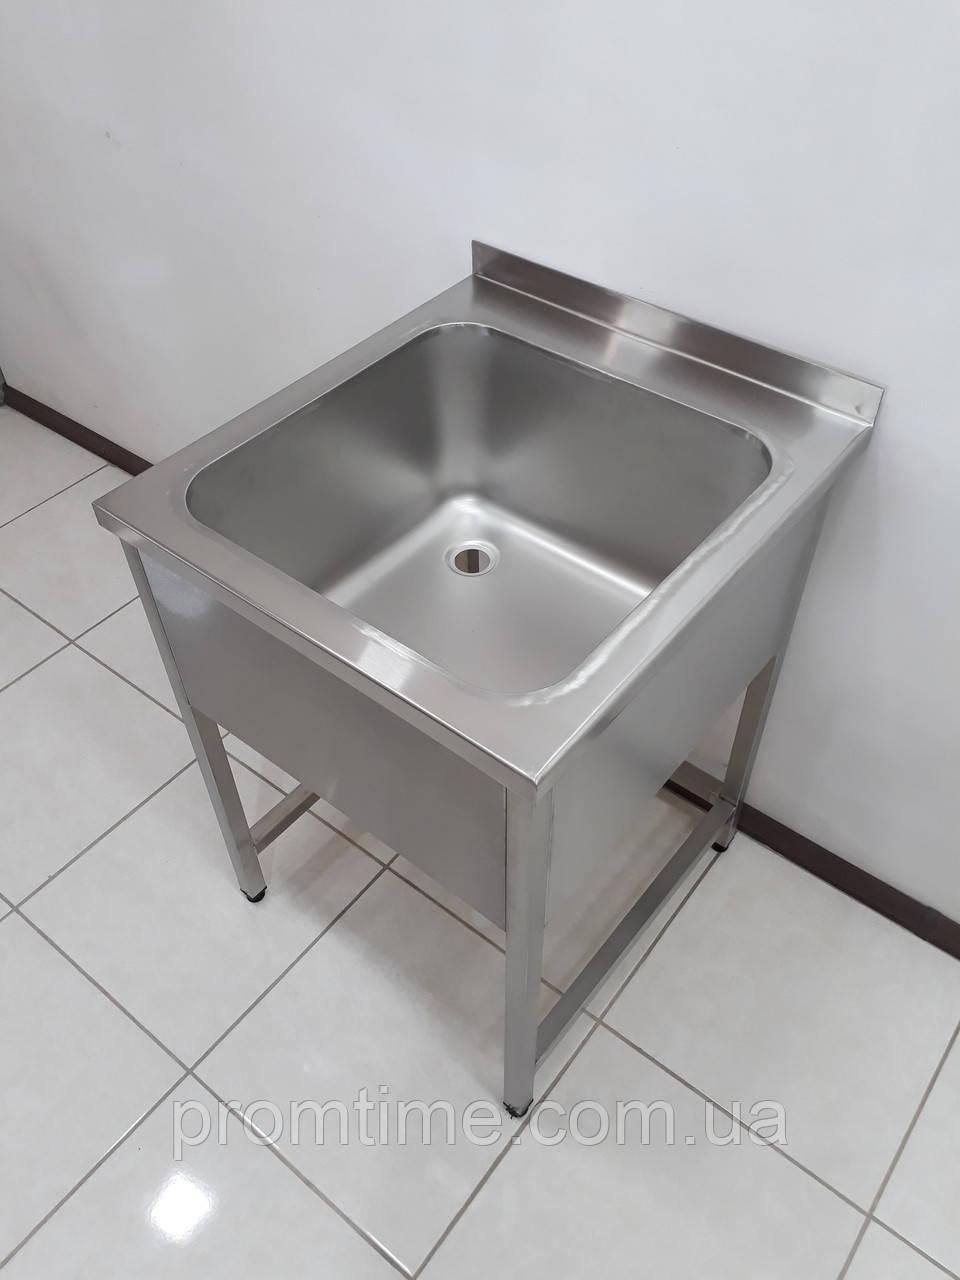 Ванна моечная (Цельнотянутая 304 сталь) 600х650х850